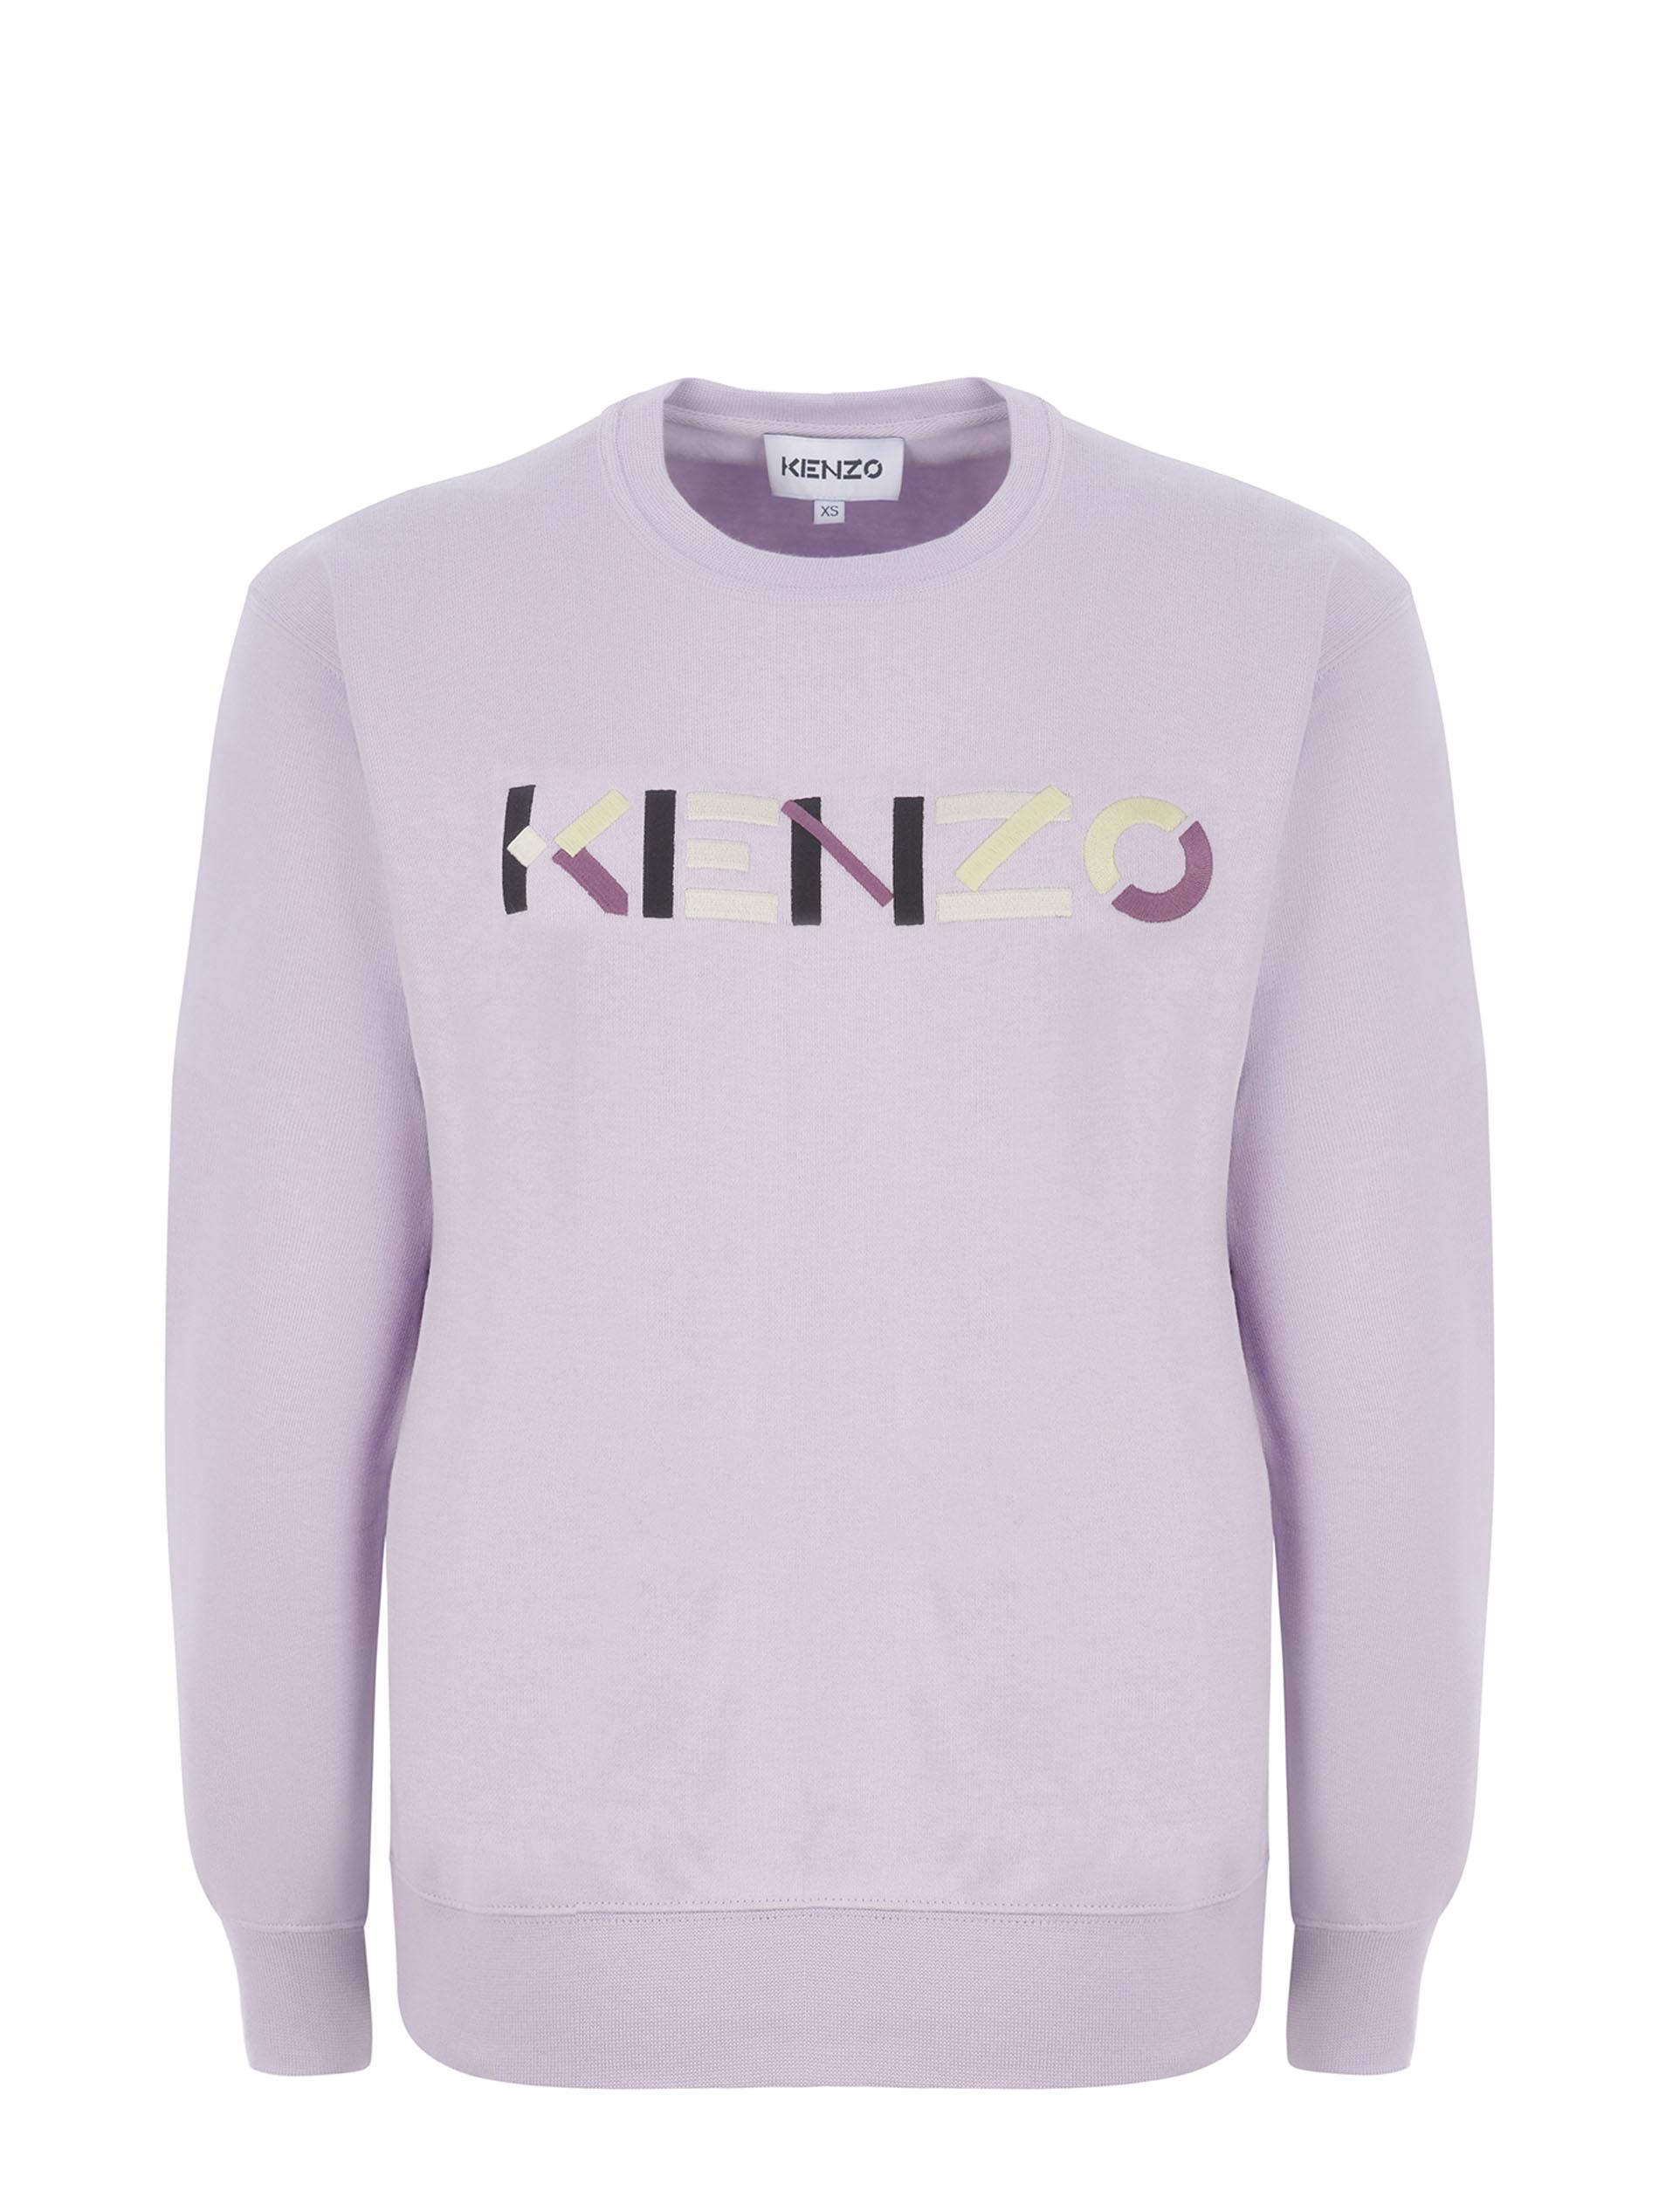 Kenzo cotton sweatshirt  KENZO   10000005   FB52SW8284MO66